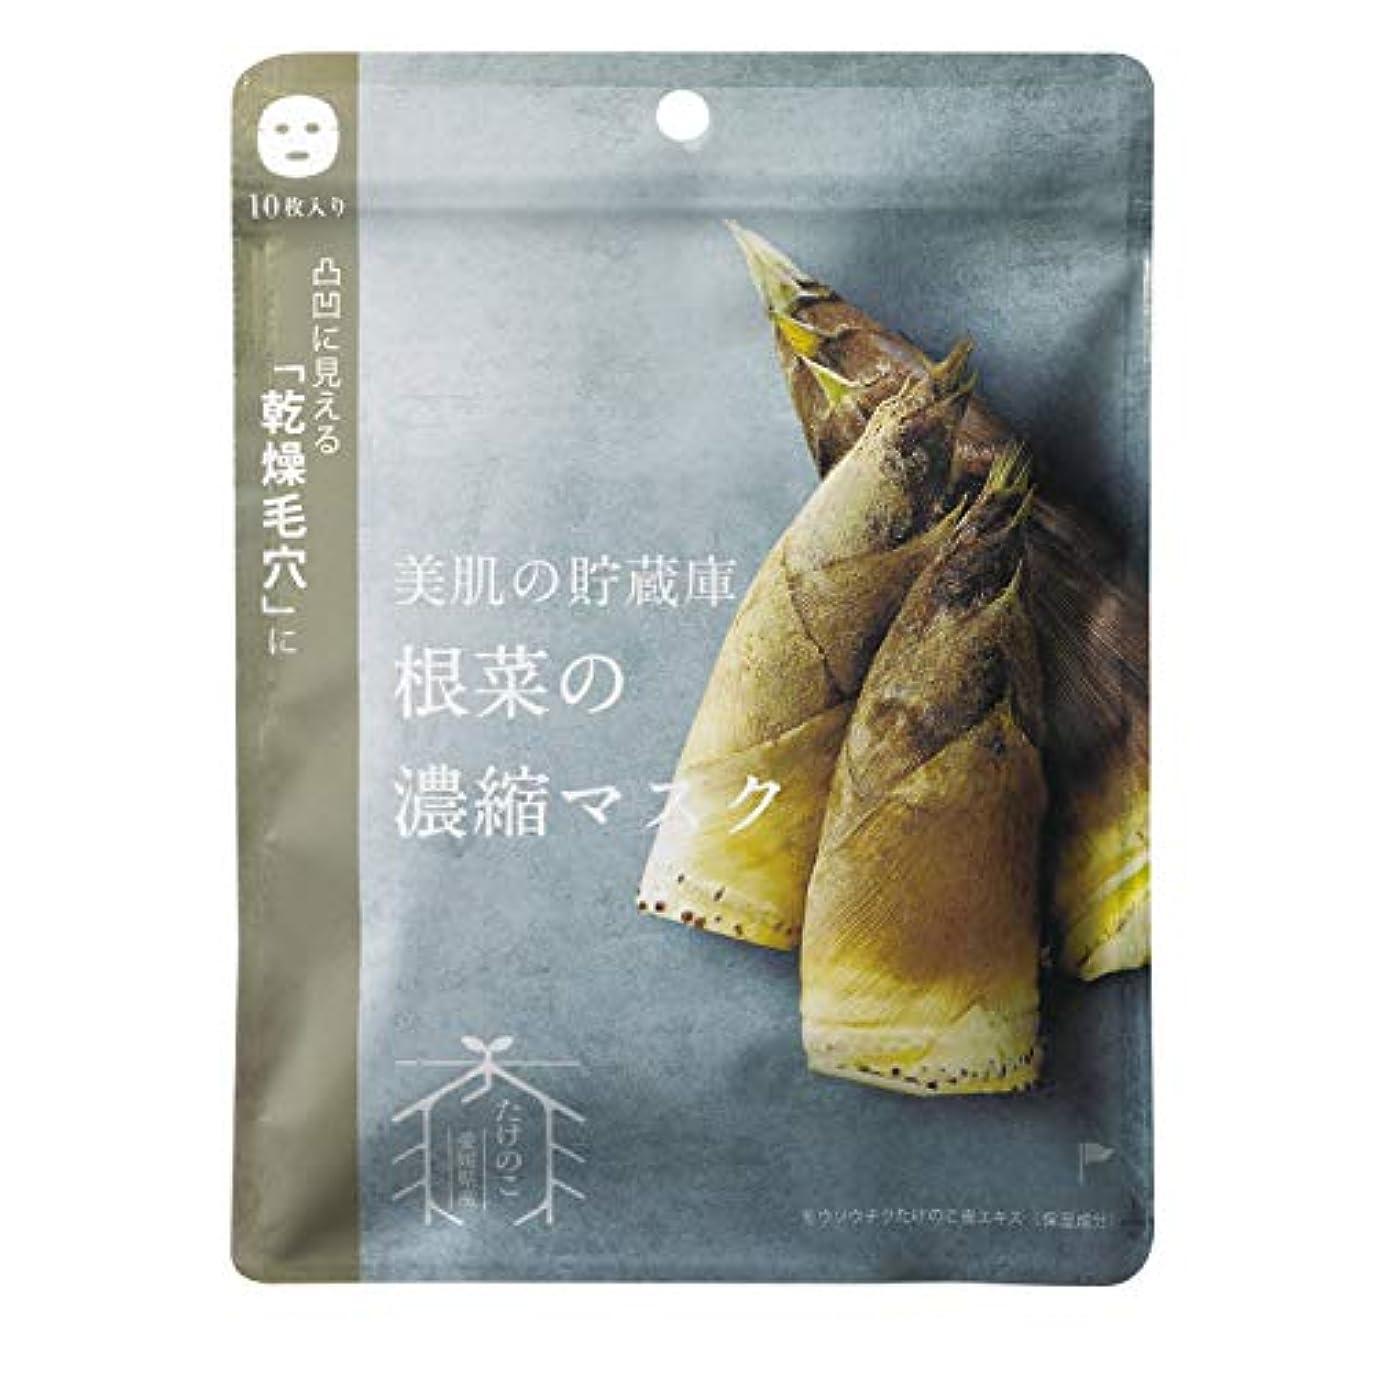 養う指紋タバコ@cosme nippon 美肌の貯蔵庫 根菜の濃縮マスク 孟宗竹たけのこ 10枚 160ml